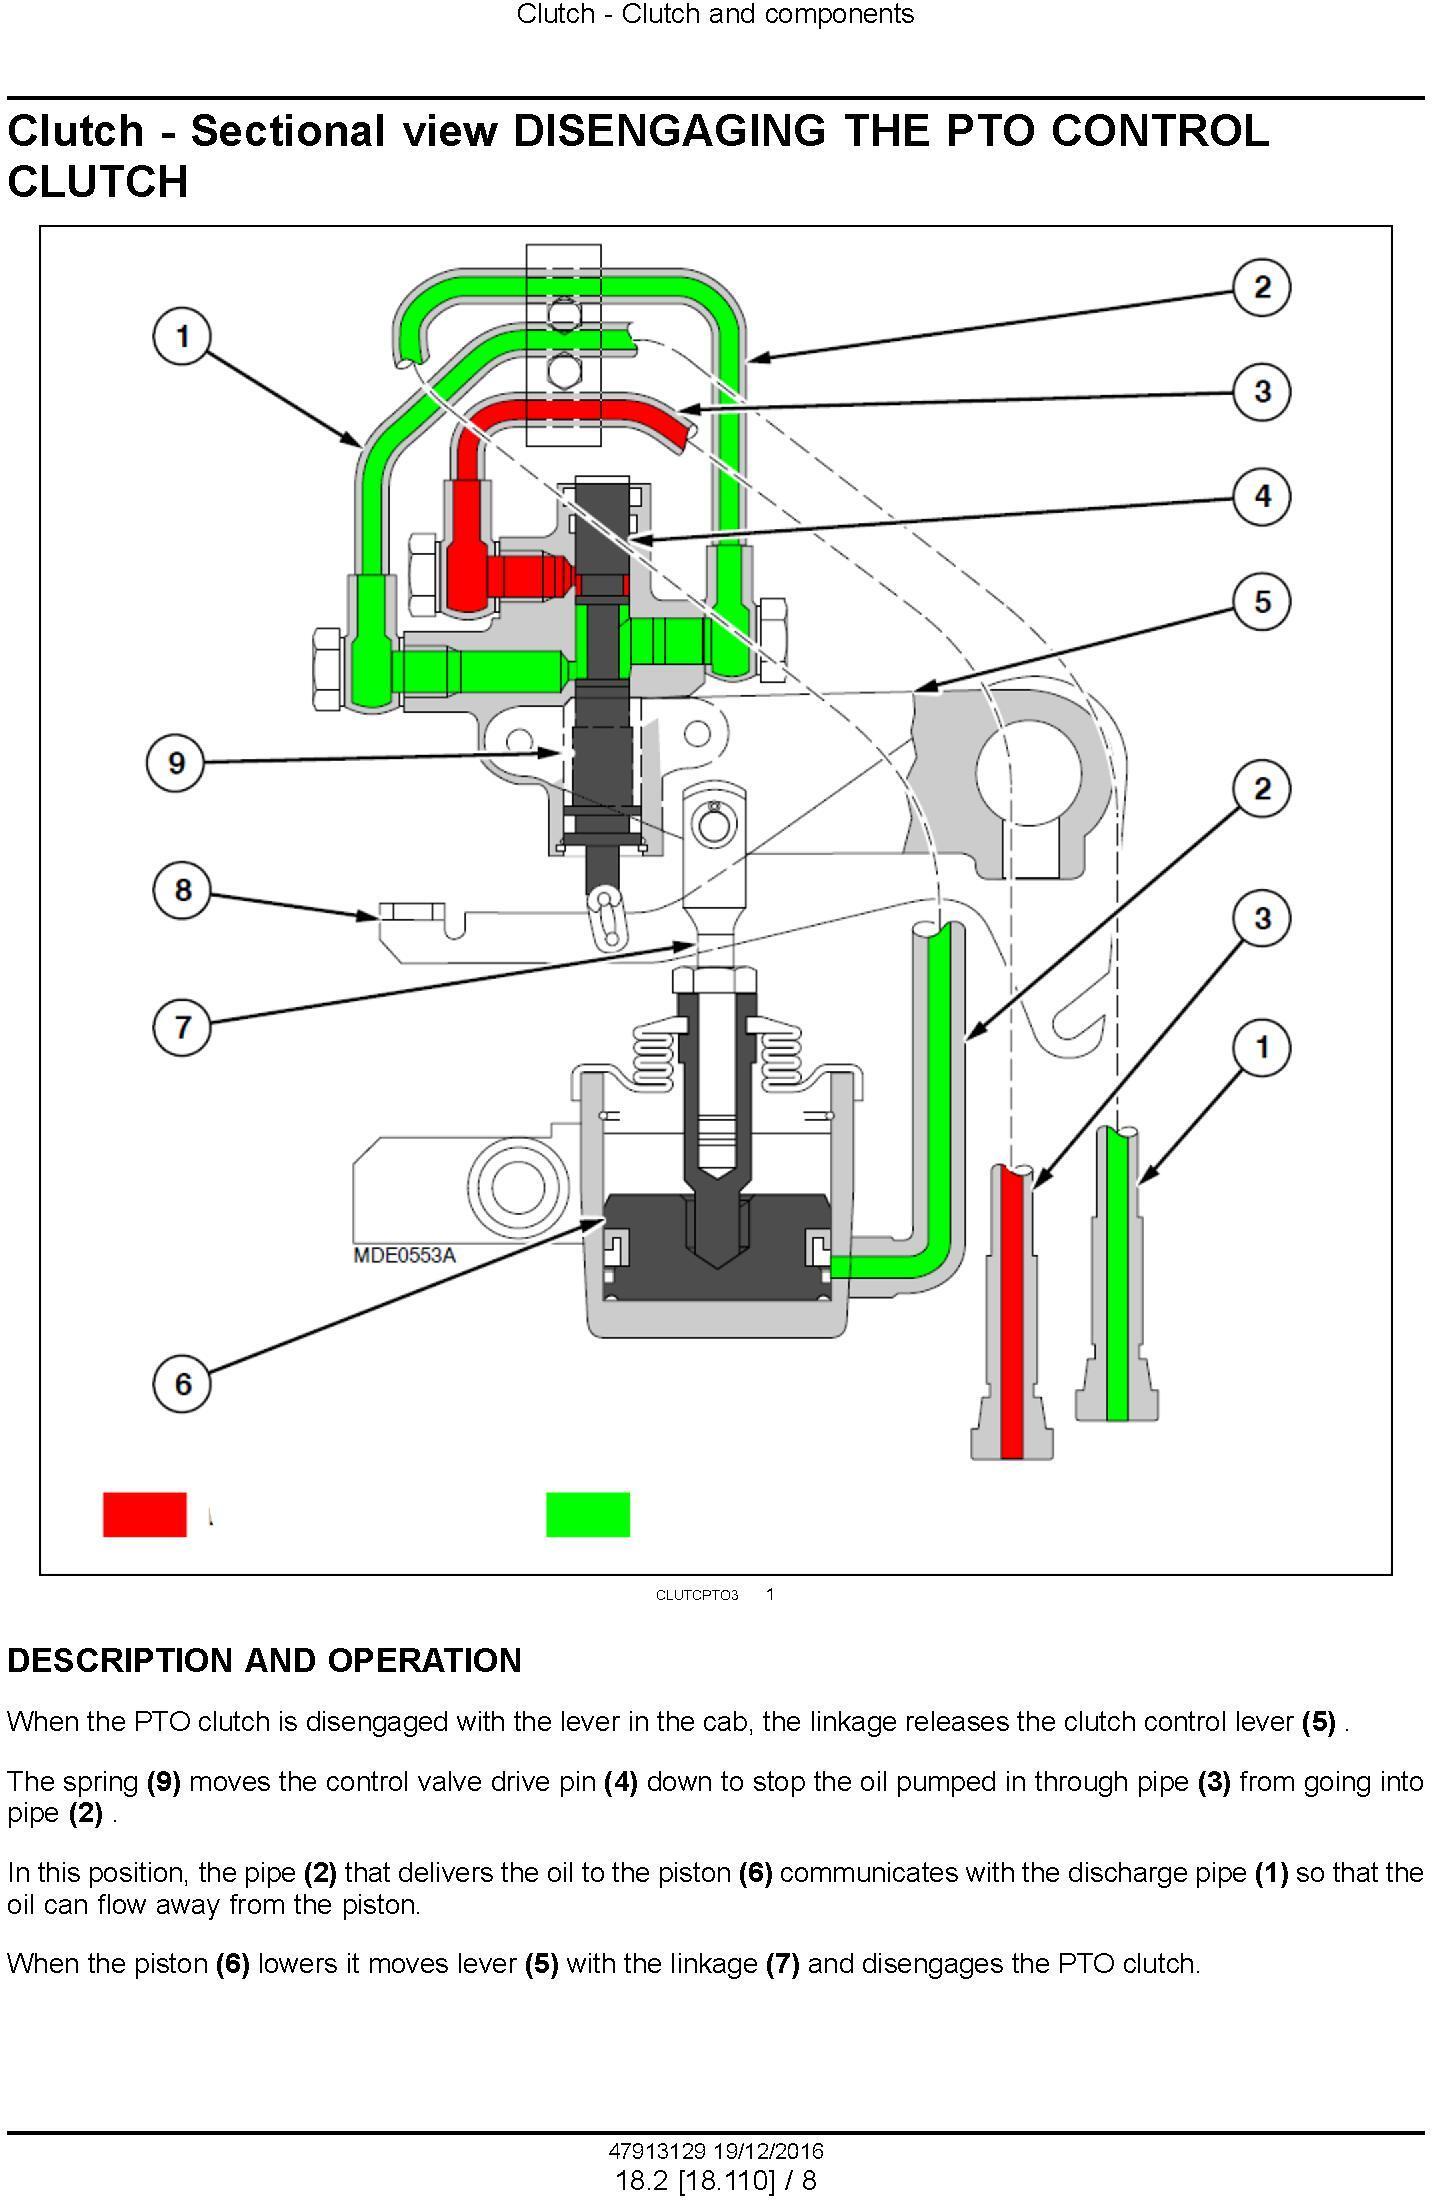 New Holland TD4.70F, TD4.80F, TD4.90F Tractor Service Manual - 2